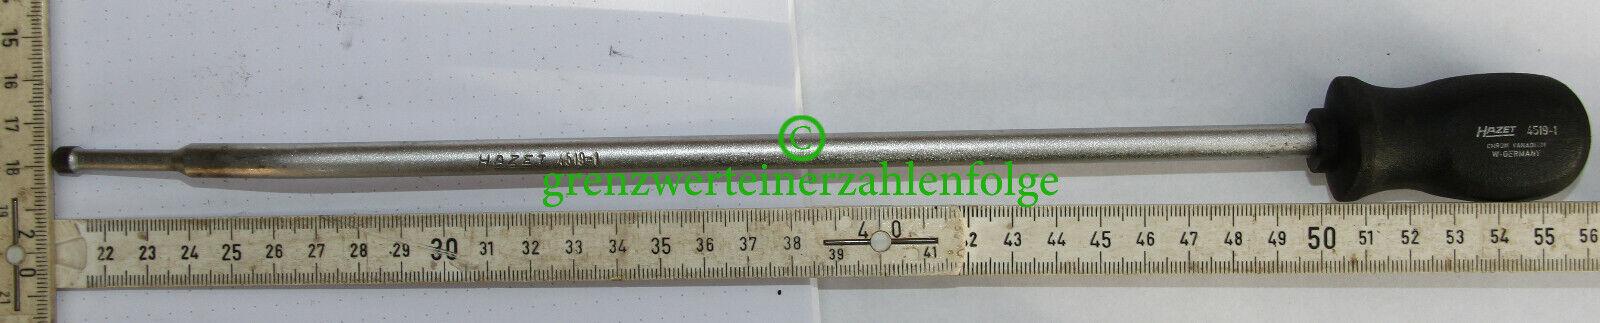 1x Hazet 4519 Mercedes 102589131500 Plombeneindrücker Stopfen Eingriffsicherung